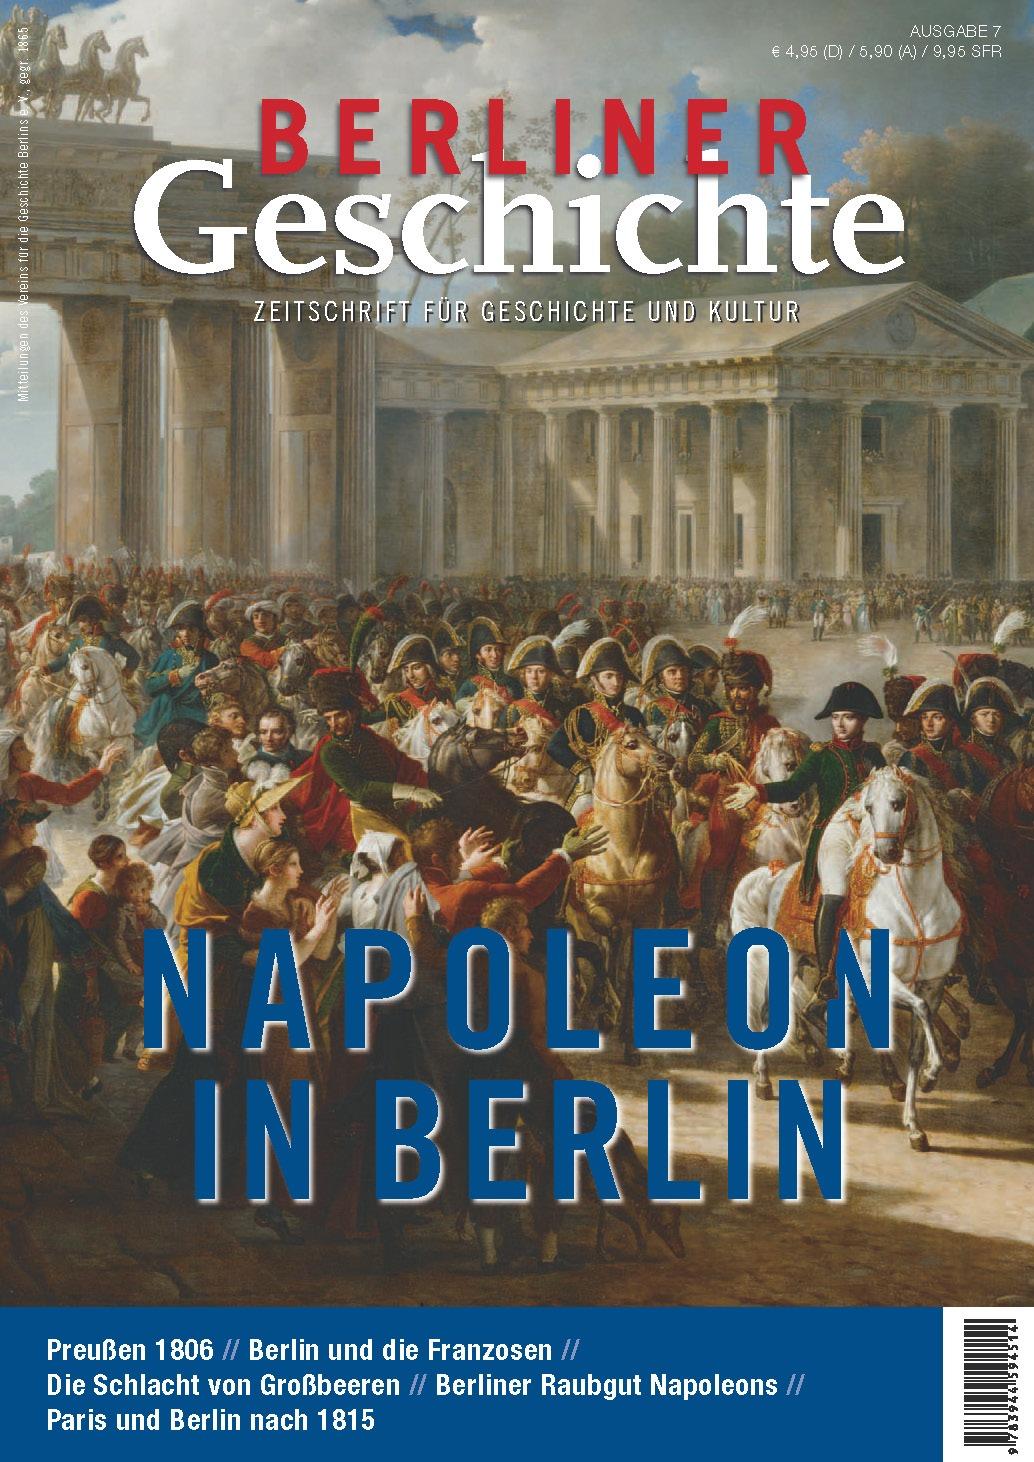 Napoleon in Berlin Berliner – Geschichte